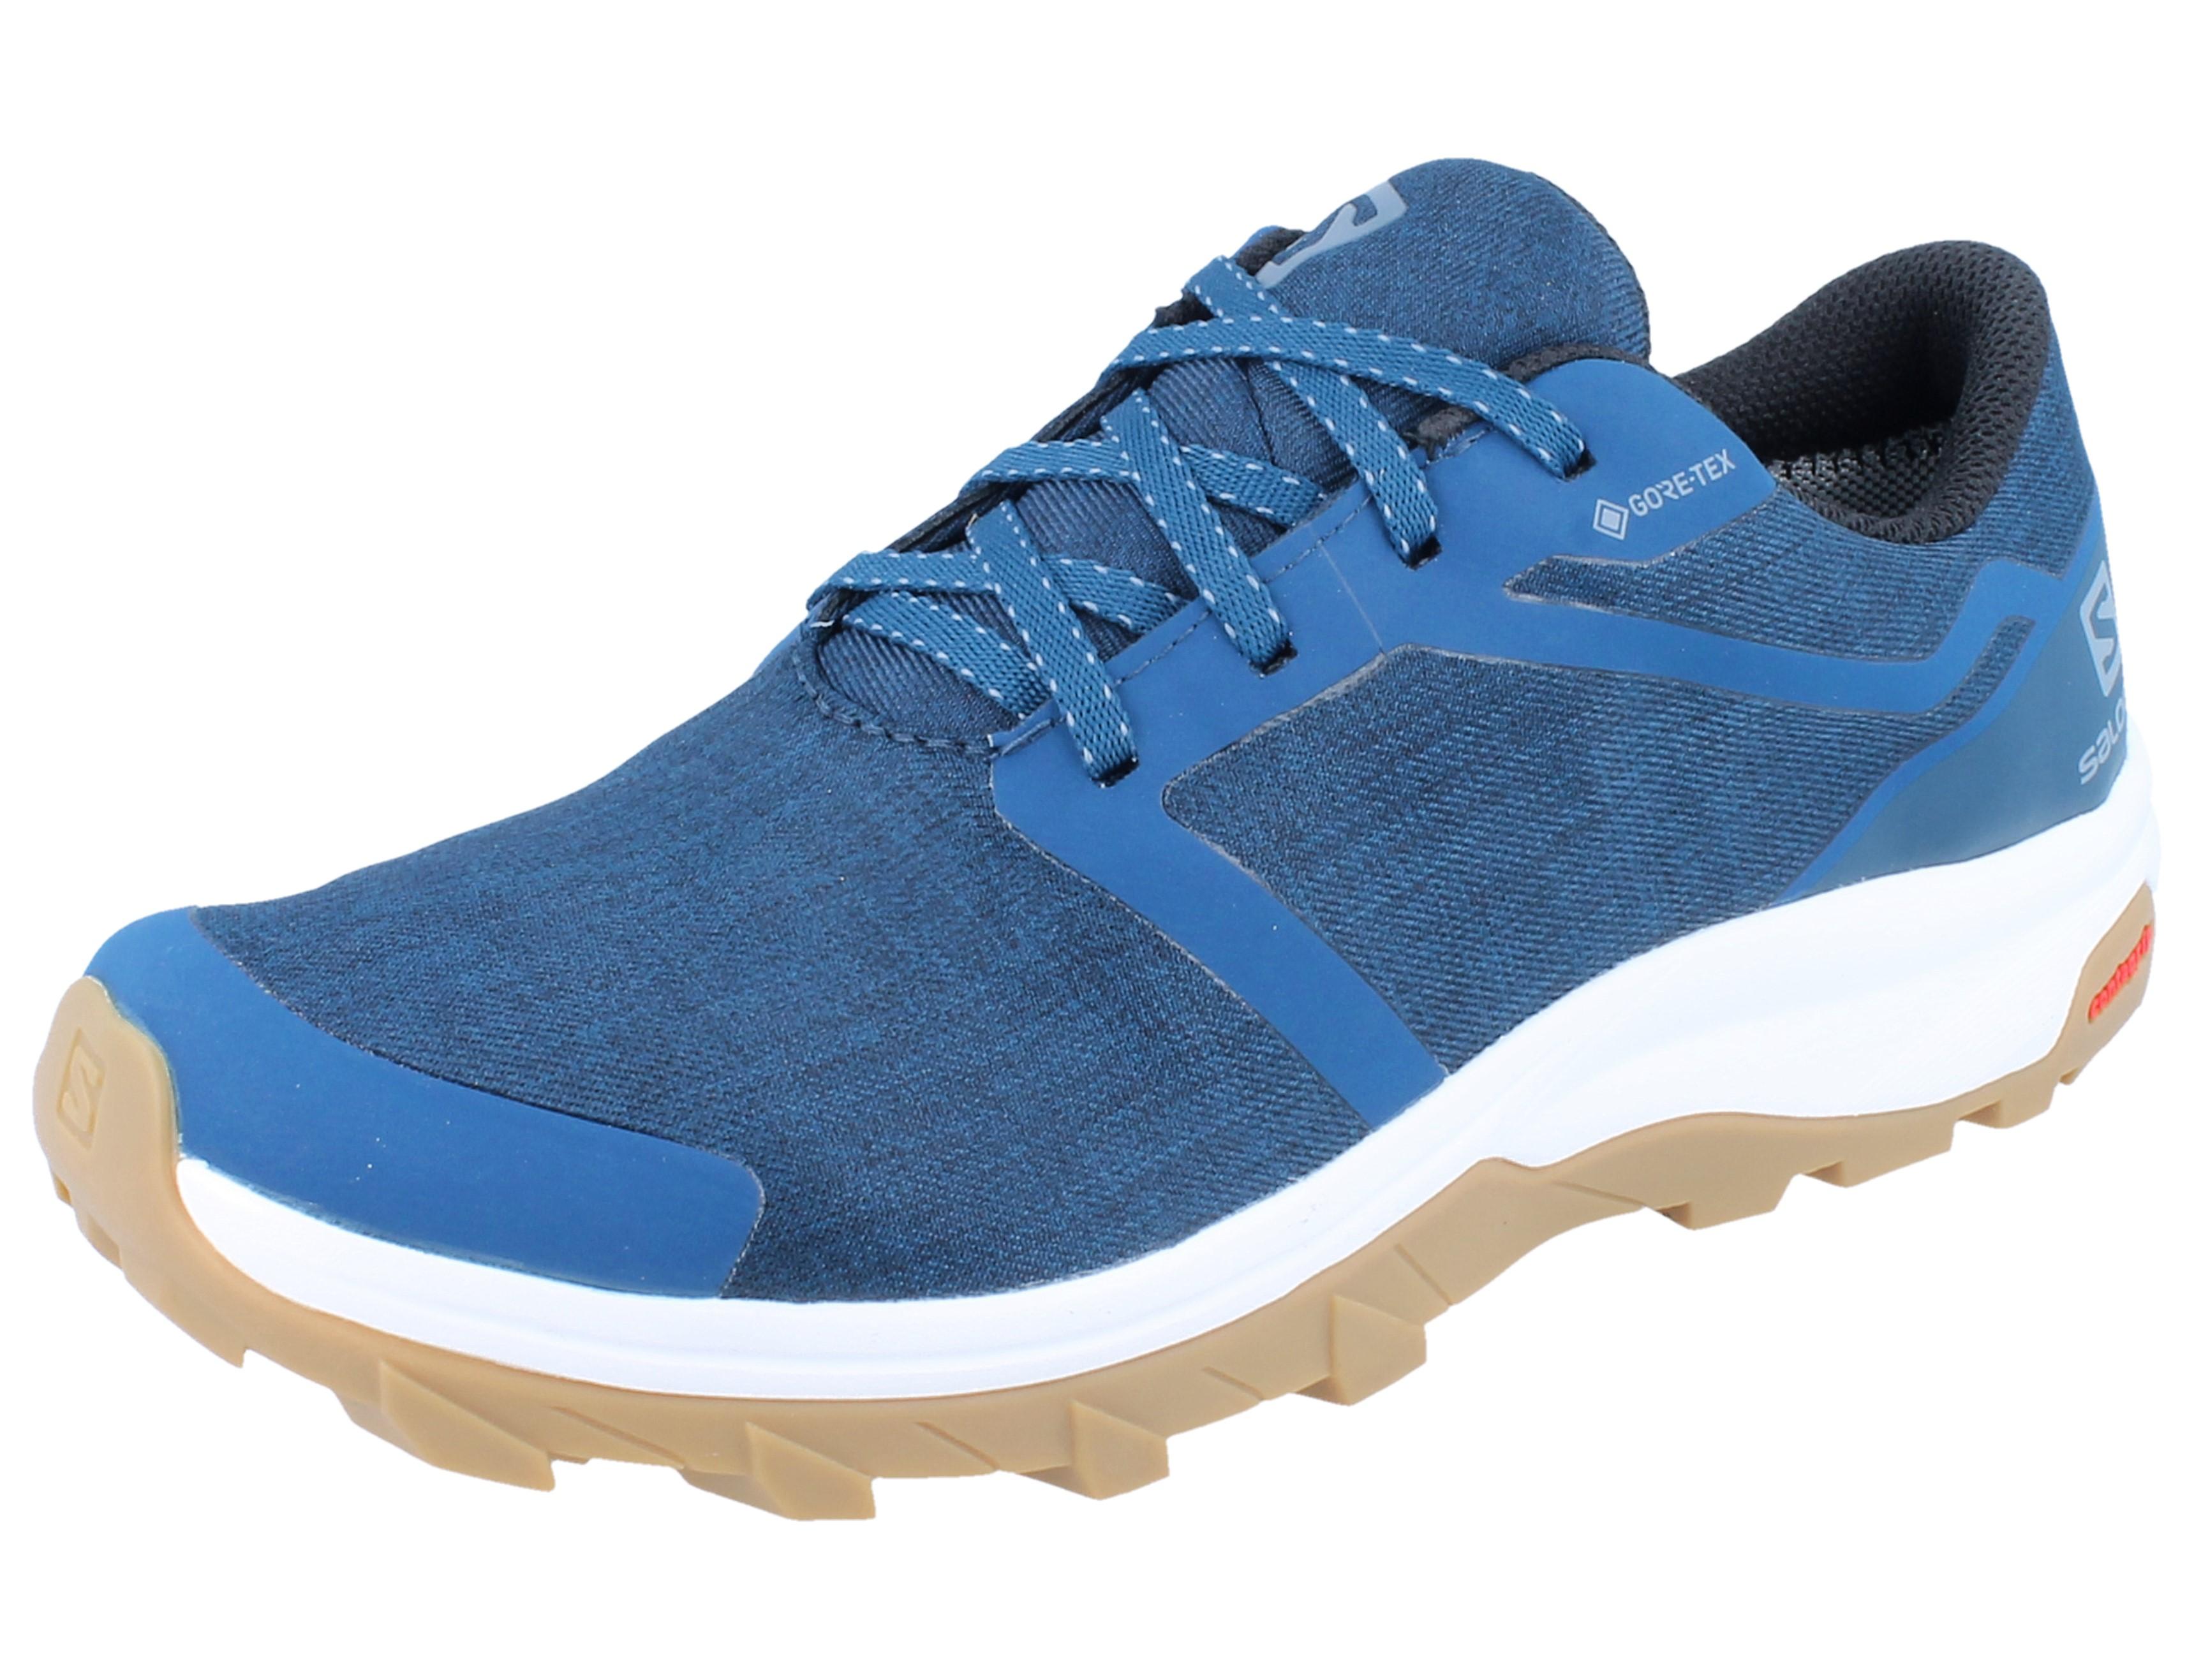 new concept 18c4e 97efa Salomon Schuhe in garantierter Qualität | Schuherlebnis